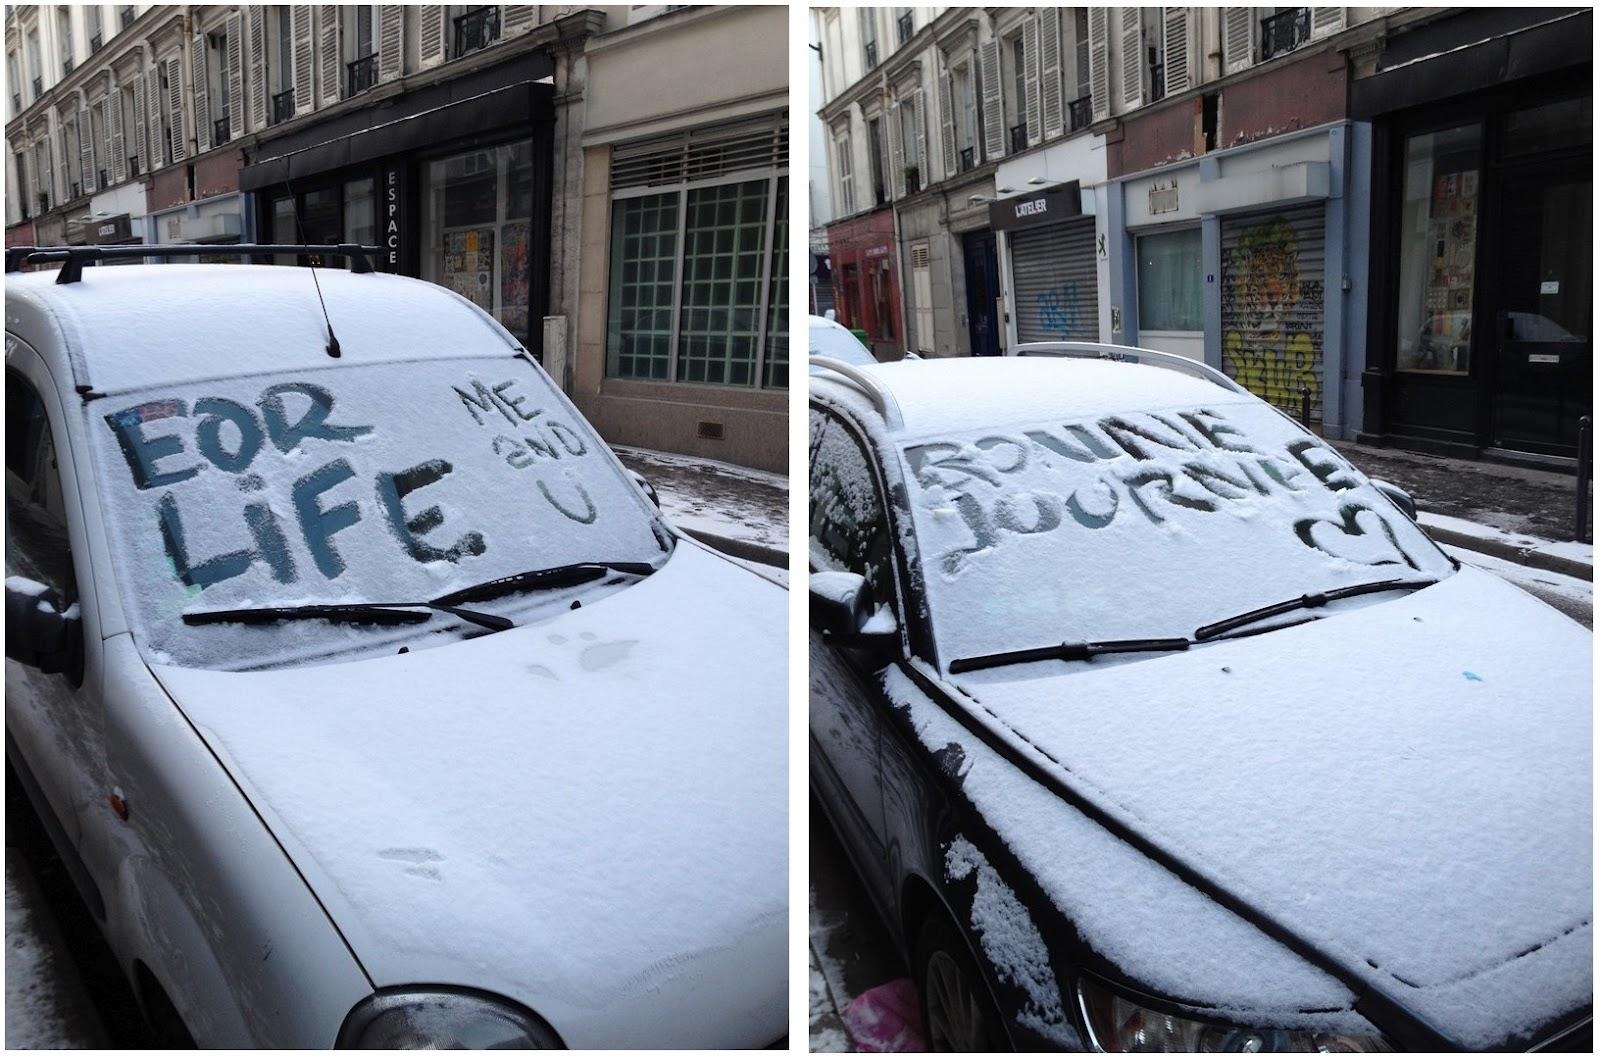 http://3.bp.blogspot.com/-IMUXkJQcB1M/Tz0I0wPtJEI/AAAAAAAAGx0/N3sYWPmS6lU/s1600/cars.jpg